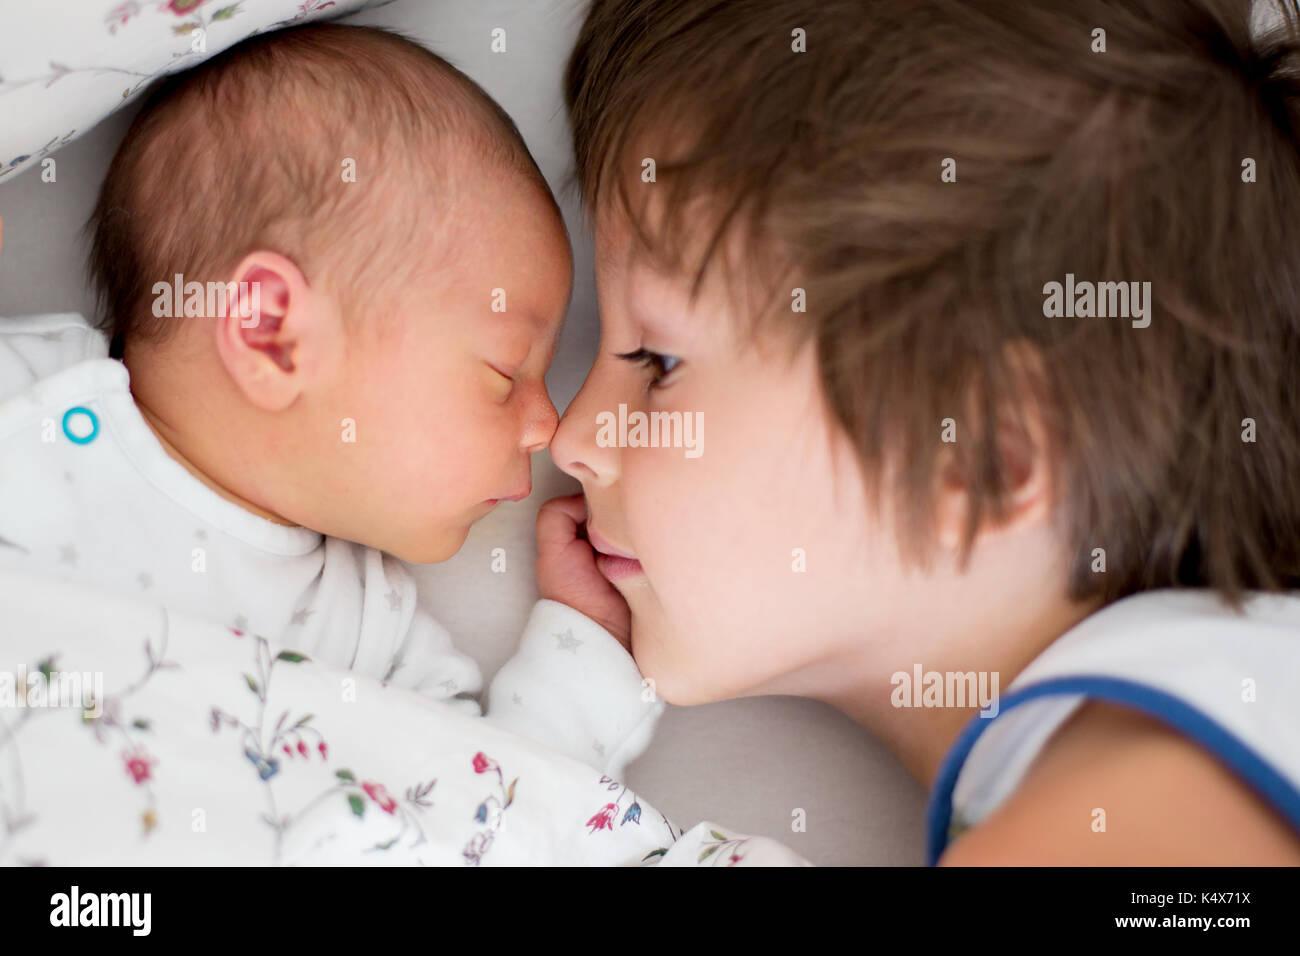 Schöne junge, umarmen mit Zärtlichkeit und sein neugeborenes Baby Bruder Pflege zu Hause. Familie Liebe Glück Konzept Stockfoto